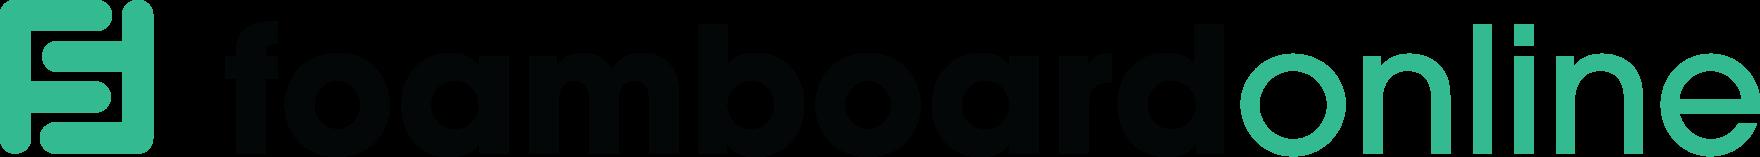 FoamBoard Online